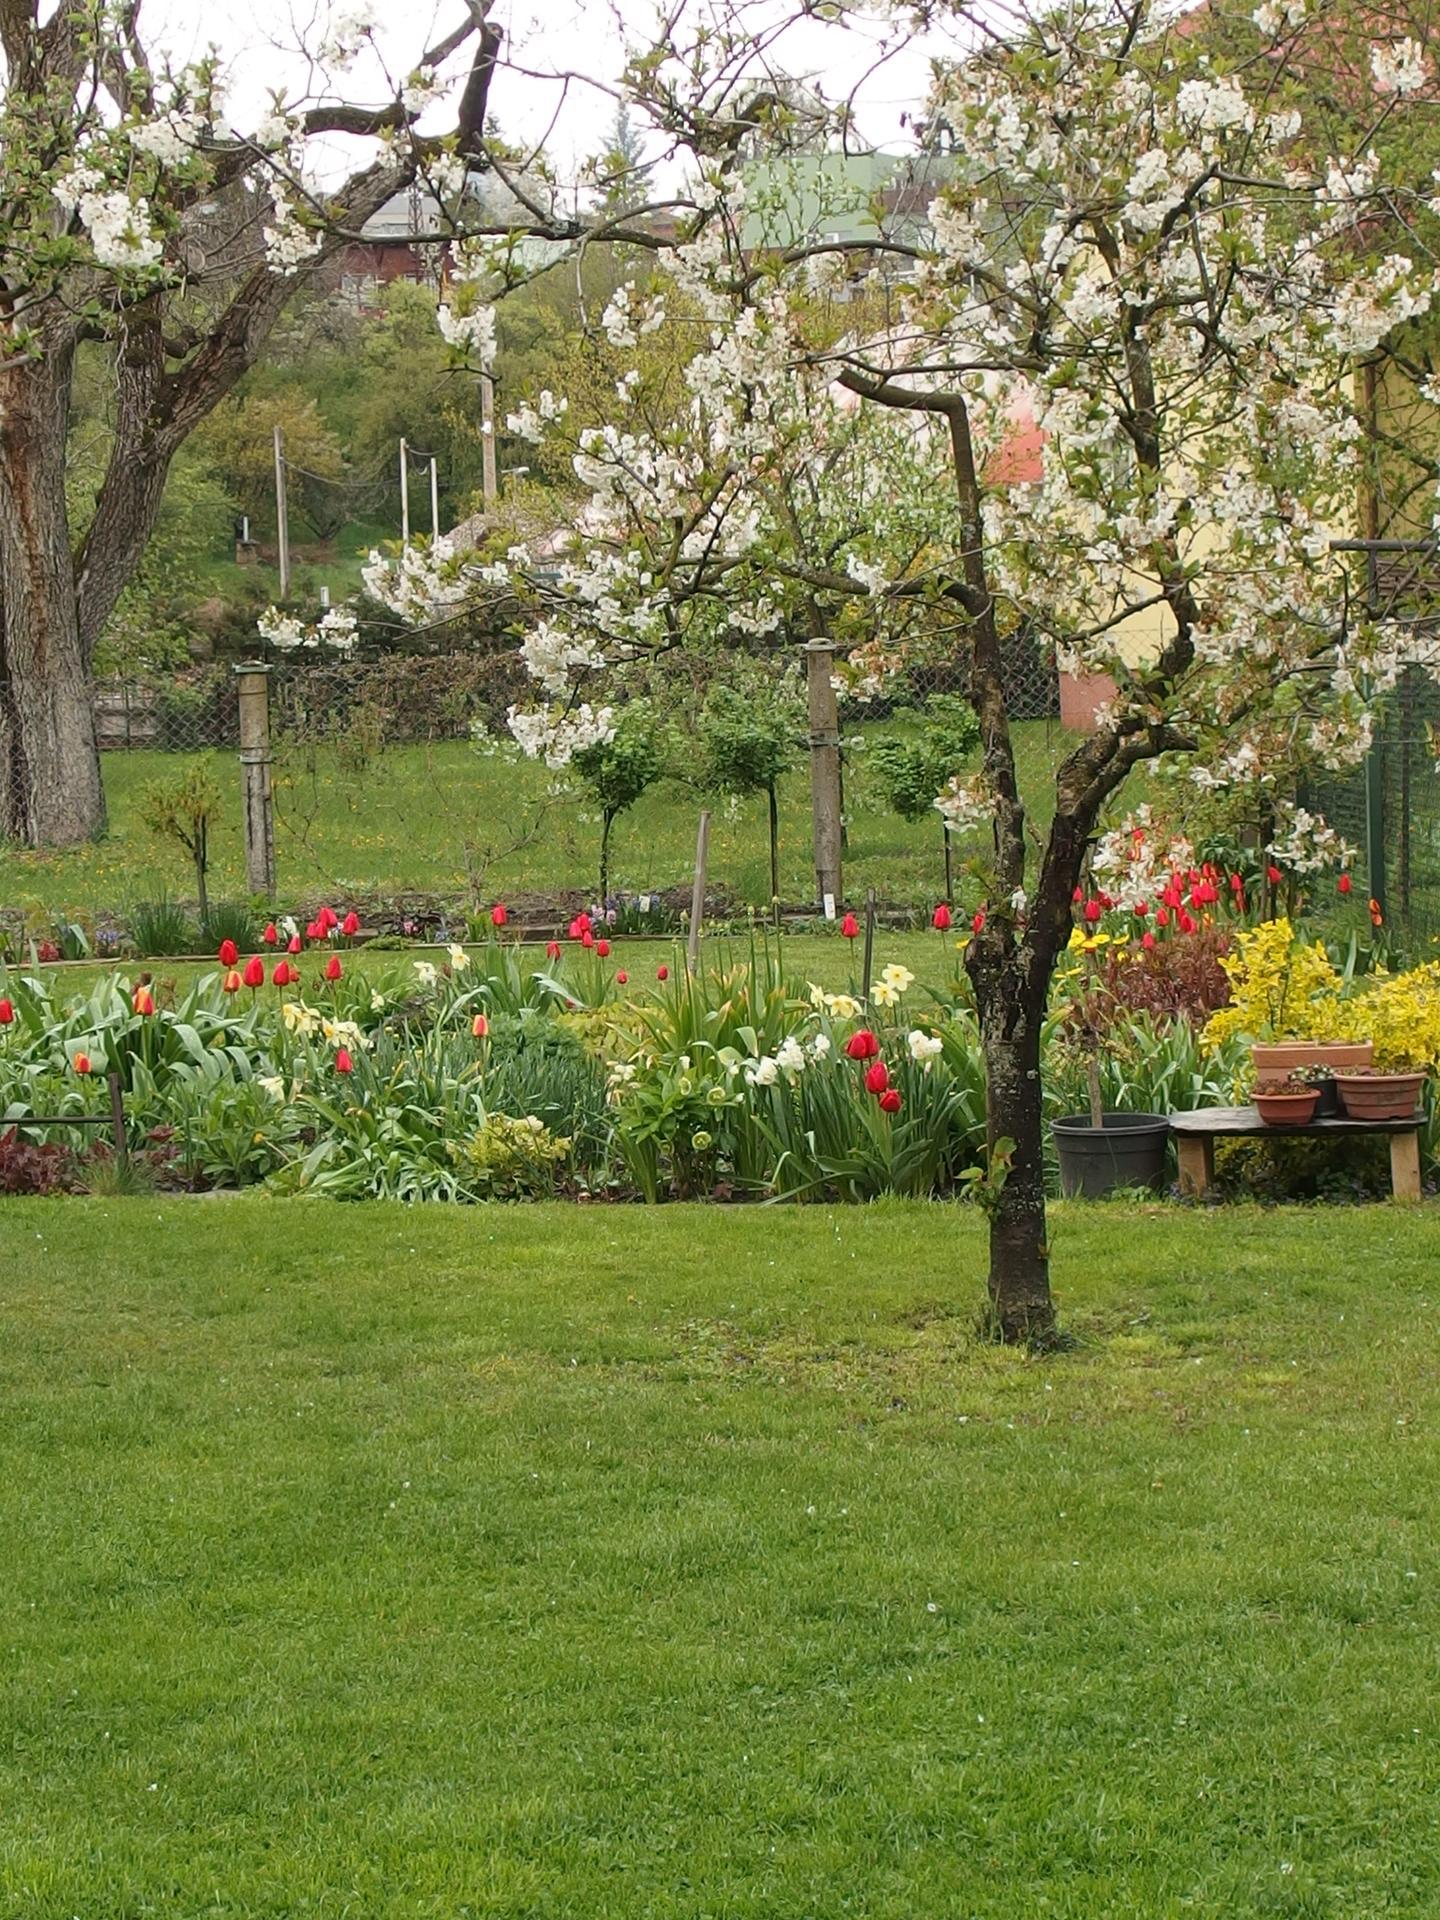 Pozvání do zahrady 2021 - trávník a záhony za domem